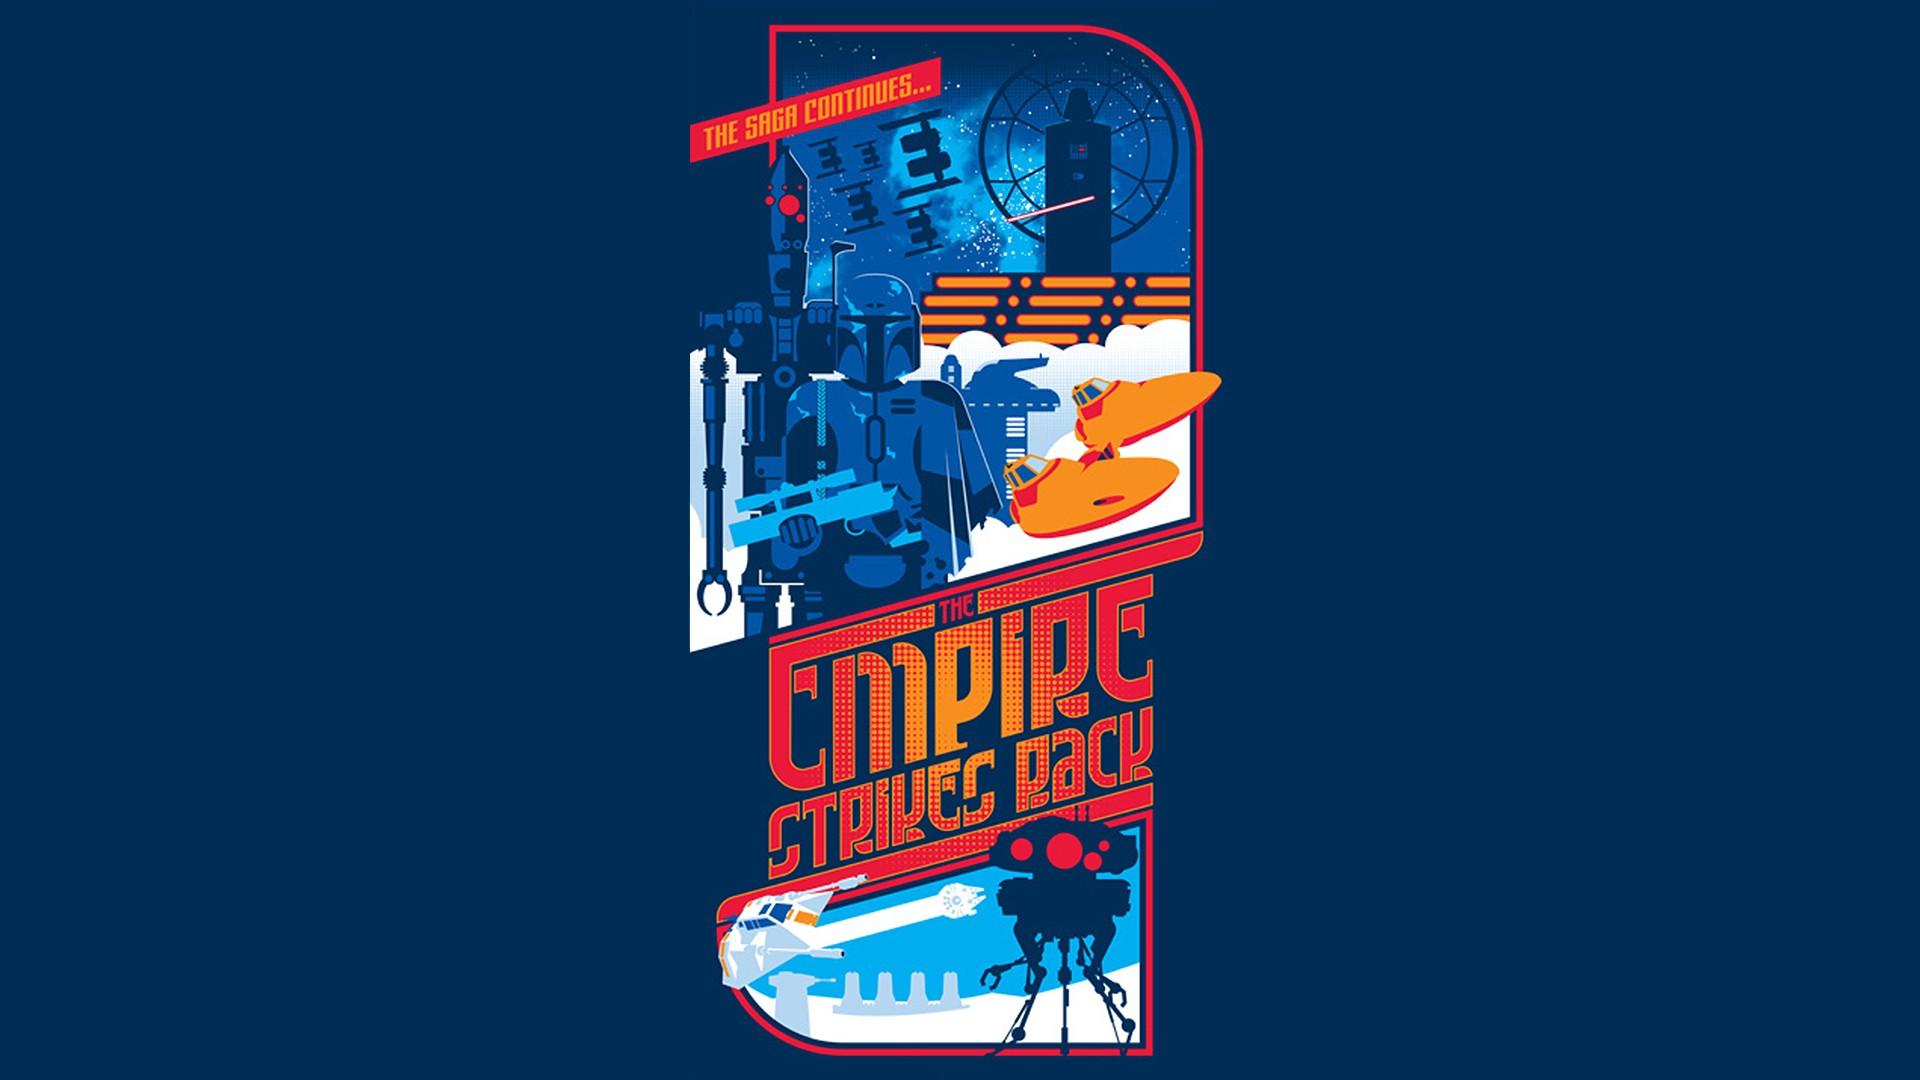 Star Wars Episode V The Empire Strikes Back Full HD